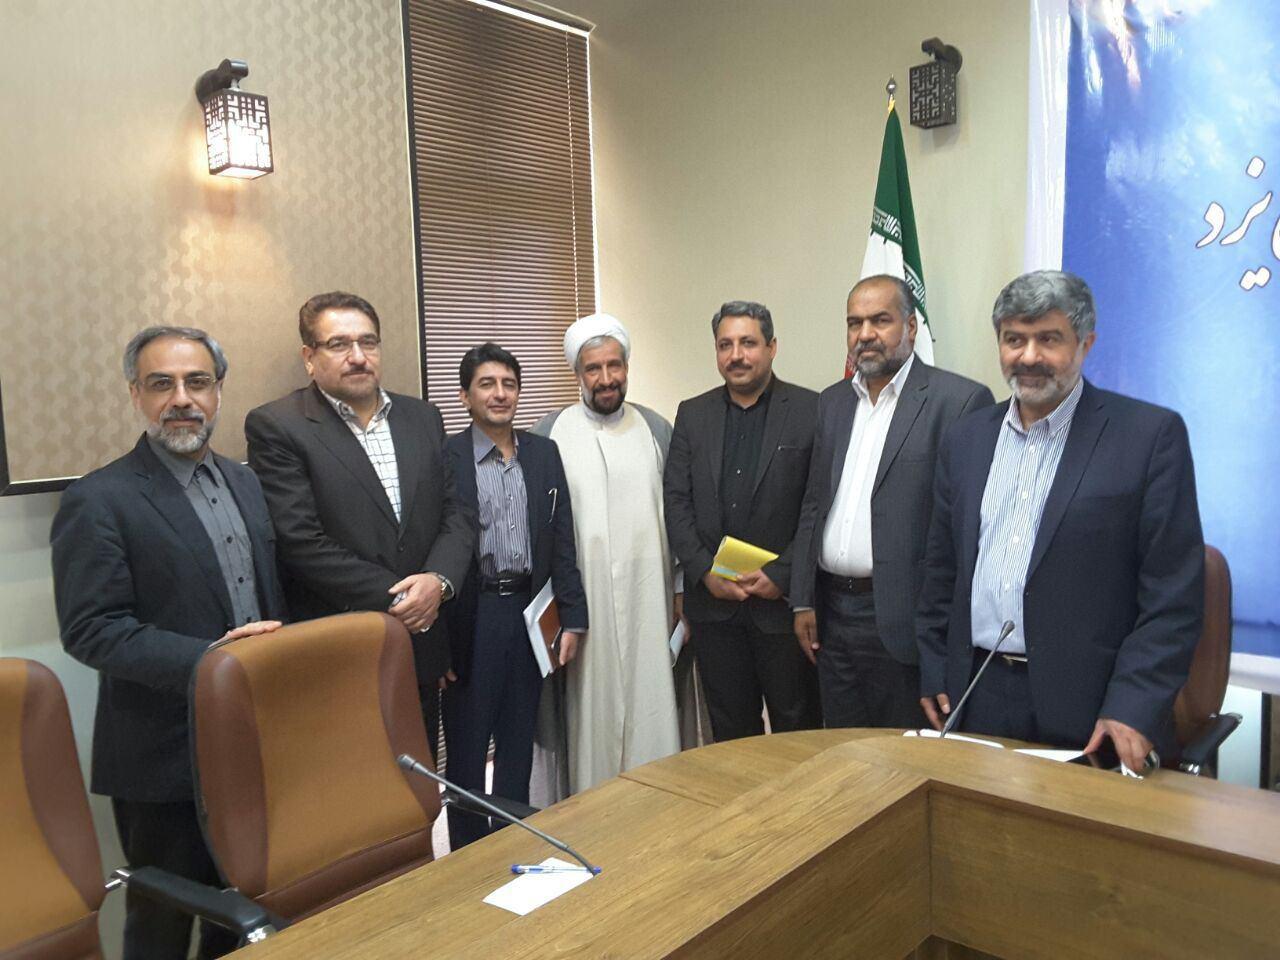 برگزاری مجمع نمایندگان استان یزد با مدیران اجرایی و نظارتی